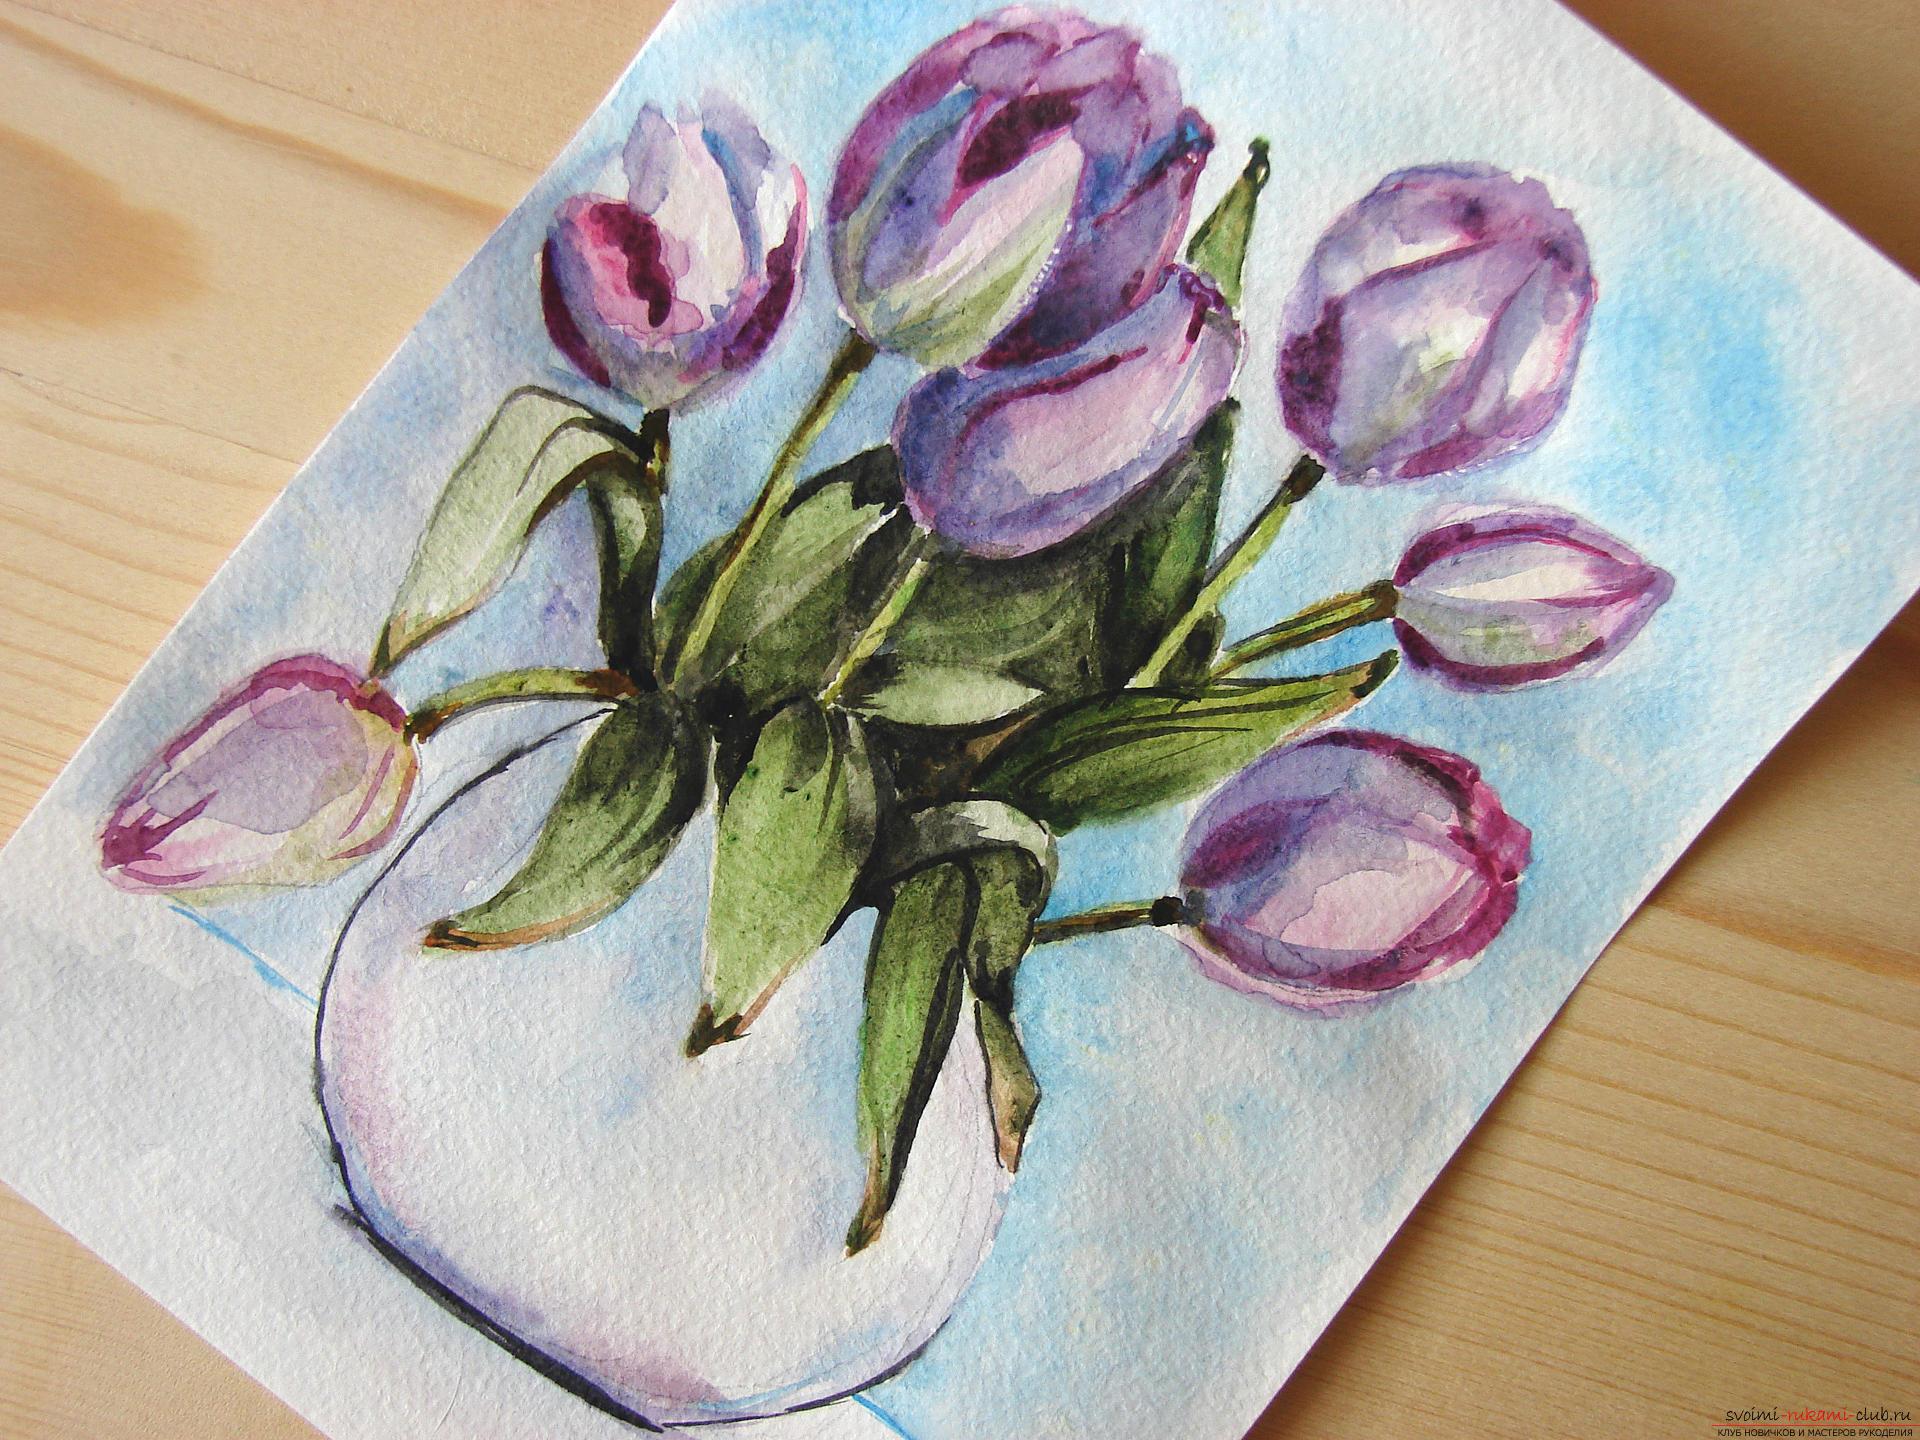 Мастер-класс по рисованию с фото научит как нарисовать цветы, подробно описав как рисуются тюльпаны поэтапно.. Фото №25